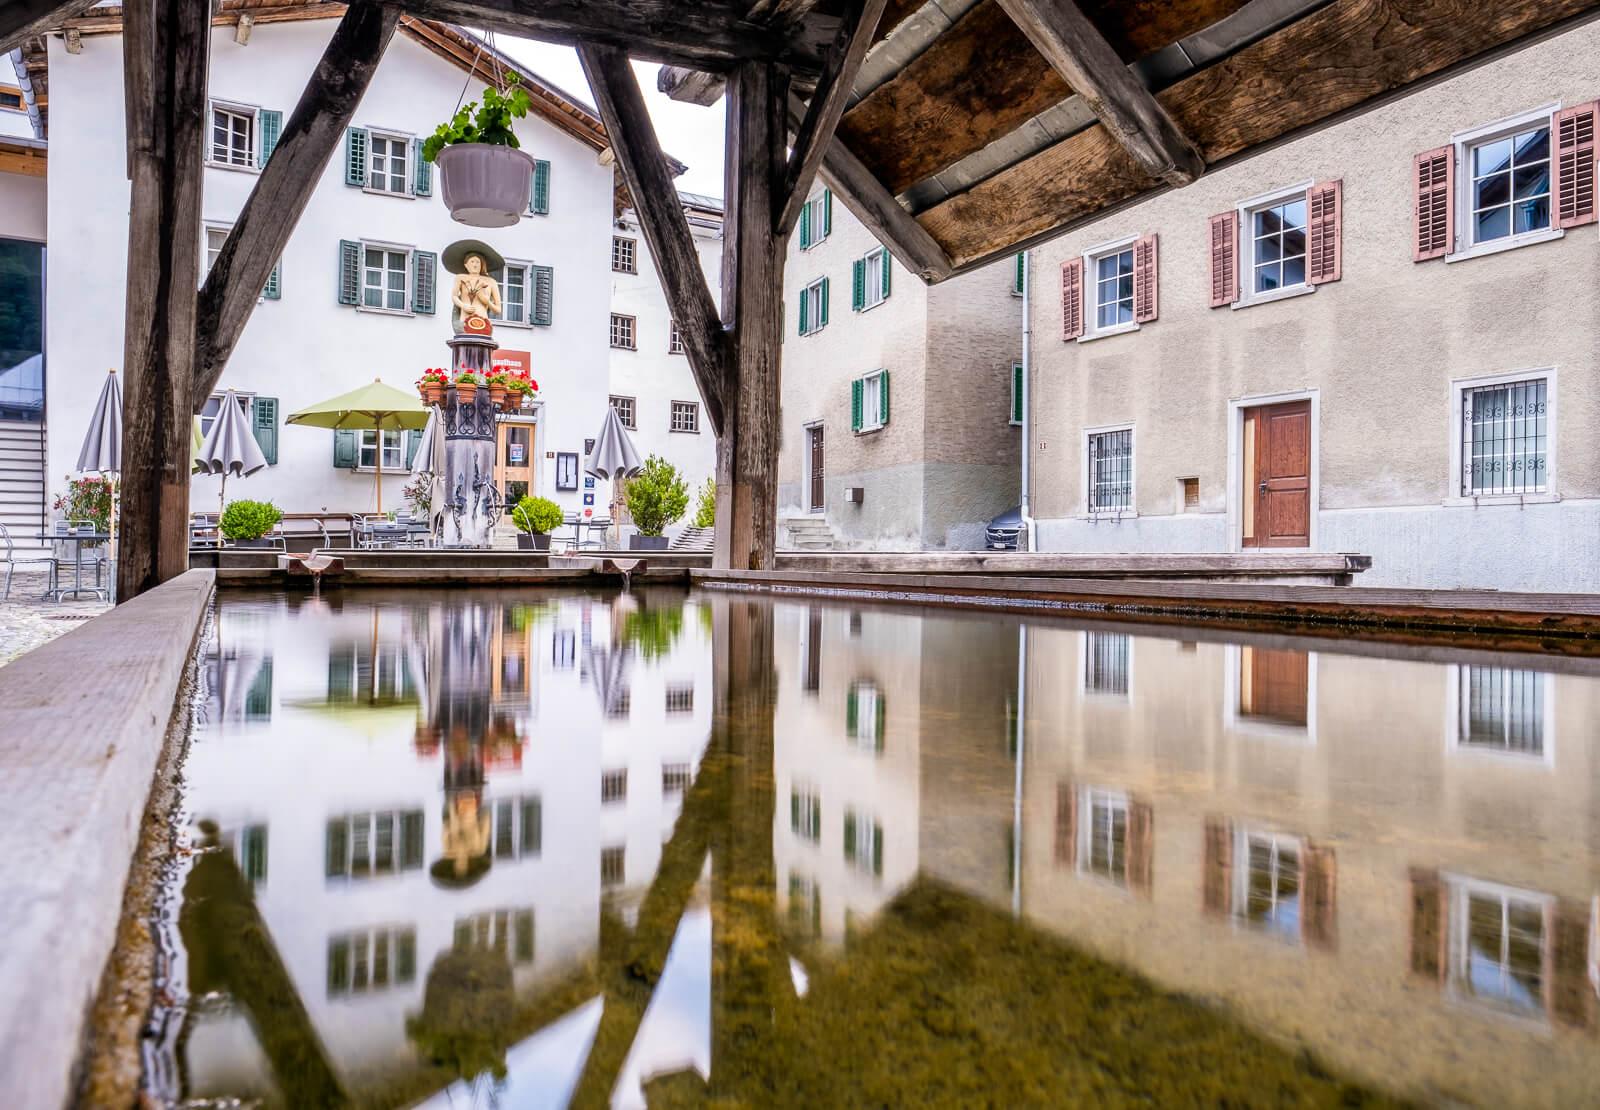 Gasthaus am Brunnen in Valendas, Switzerland